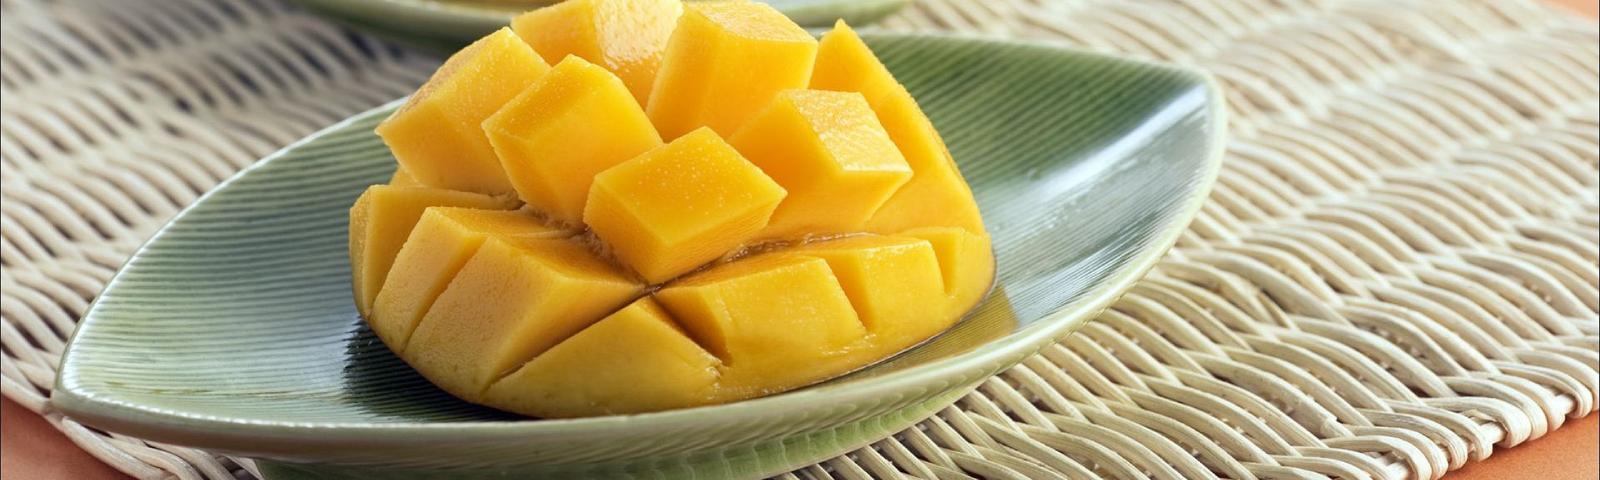 BF-mango-kipsalade-1600x480.png